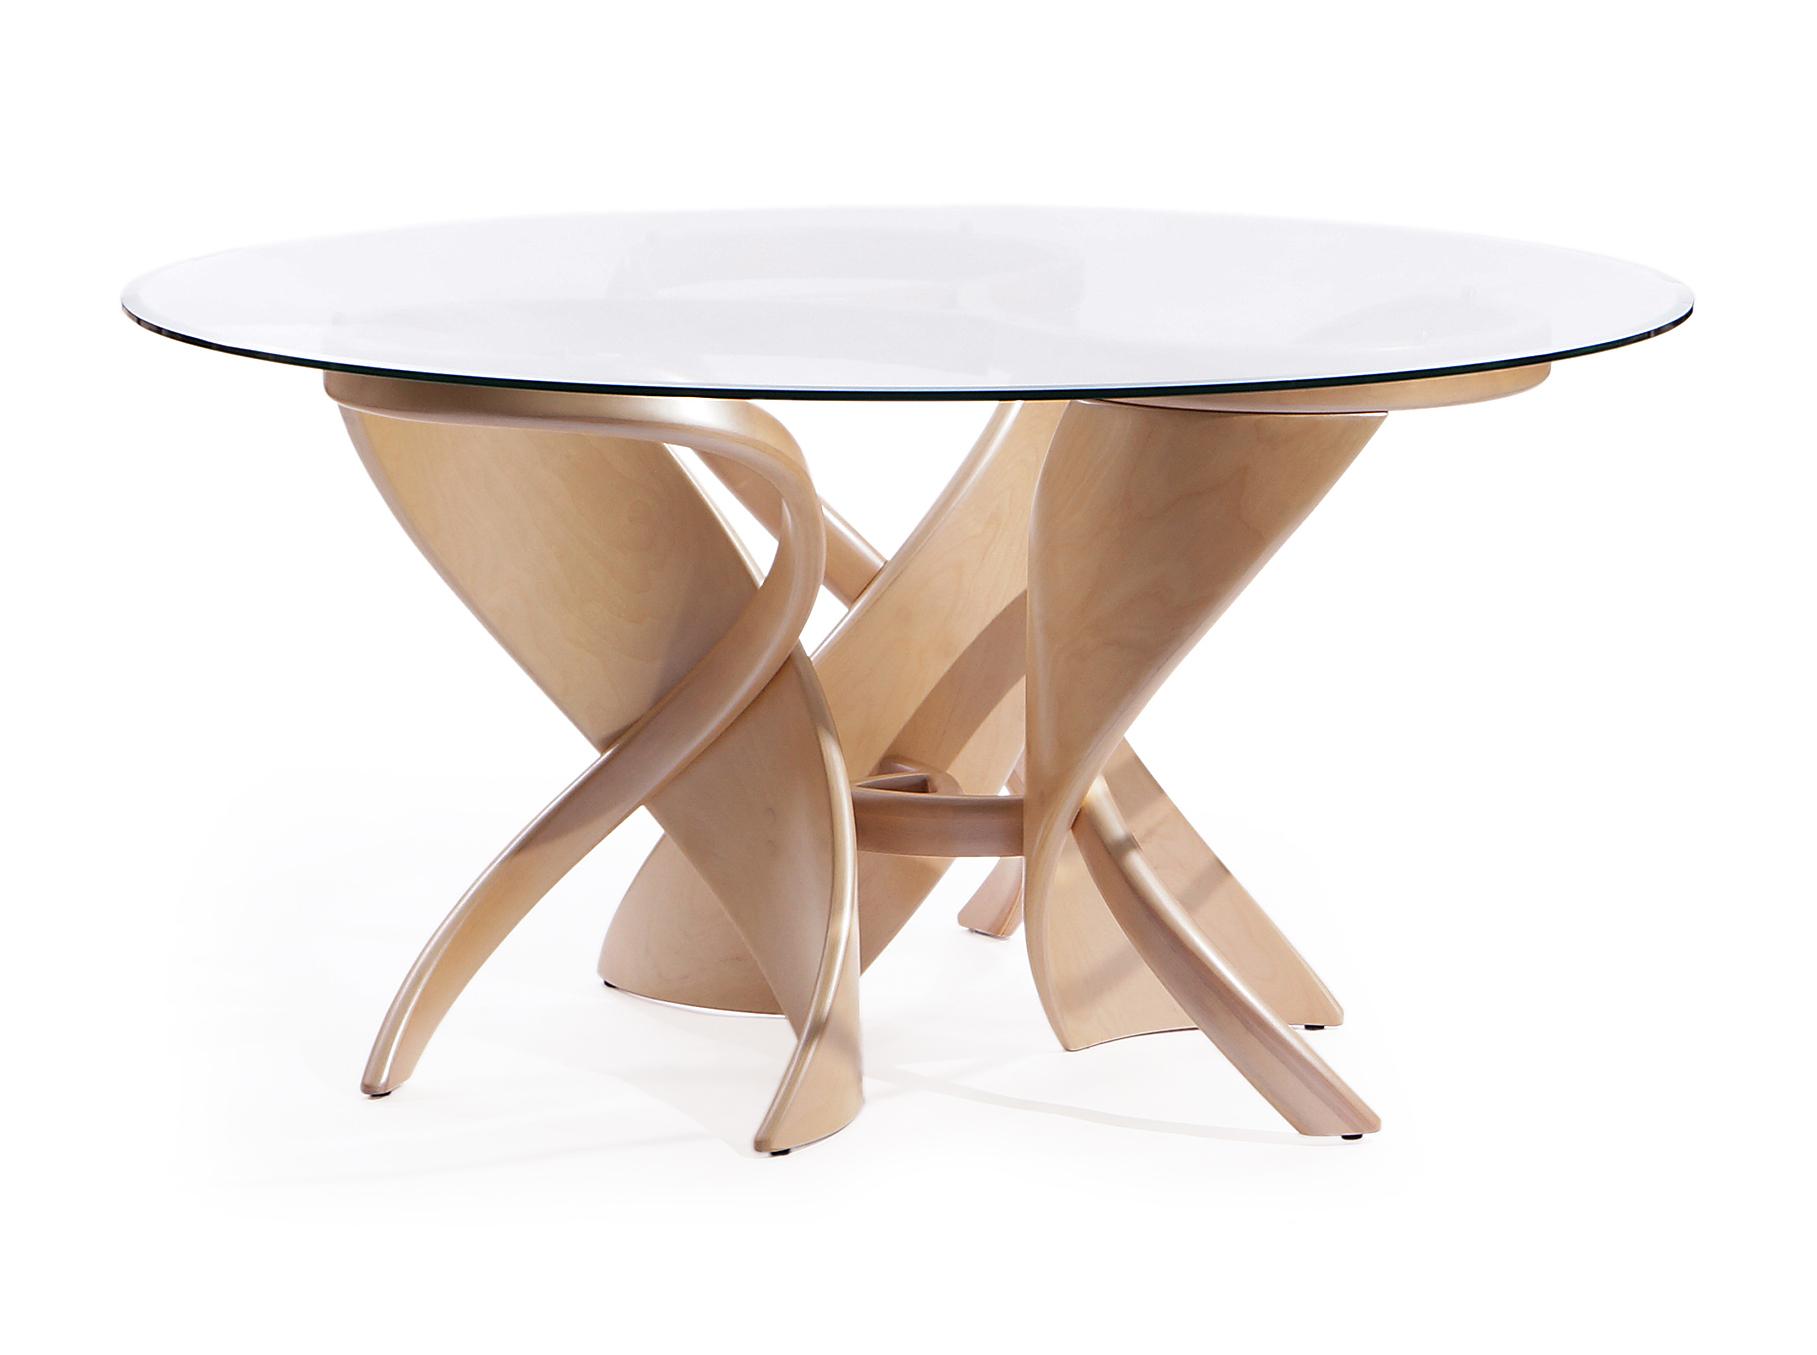 """Стол обеденный """"Virtuos-K""""Обеденные столы<br>Обеденный стол """"Virtuos-K"""" отличает от других круглая столешница из цельного листа стекла и оригинальная ножка-подставка, размещённая в центре стола. Цвет центральной опоры легко подобрать из множества образцов.<br>Небольшие размеры стола позволяют легко установить его в любой части помещения, а элегантная форма и актуальный дизайн станут украшением любого дома. Этот обеденный стол позволит создать настроение и непринужденную атмосферу.<br><br>Material: Стекло<br>Length см: None<br>Width см: None<br>Height см: 76<br>Diameter см: 150"""